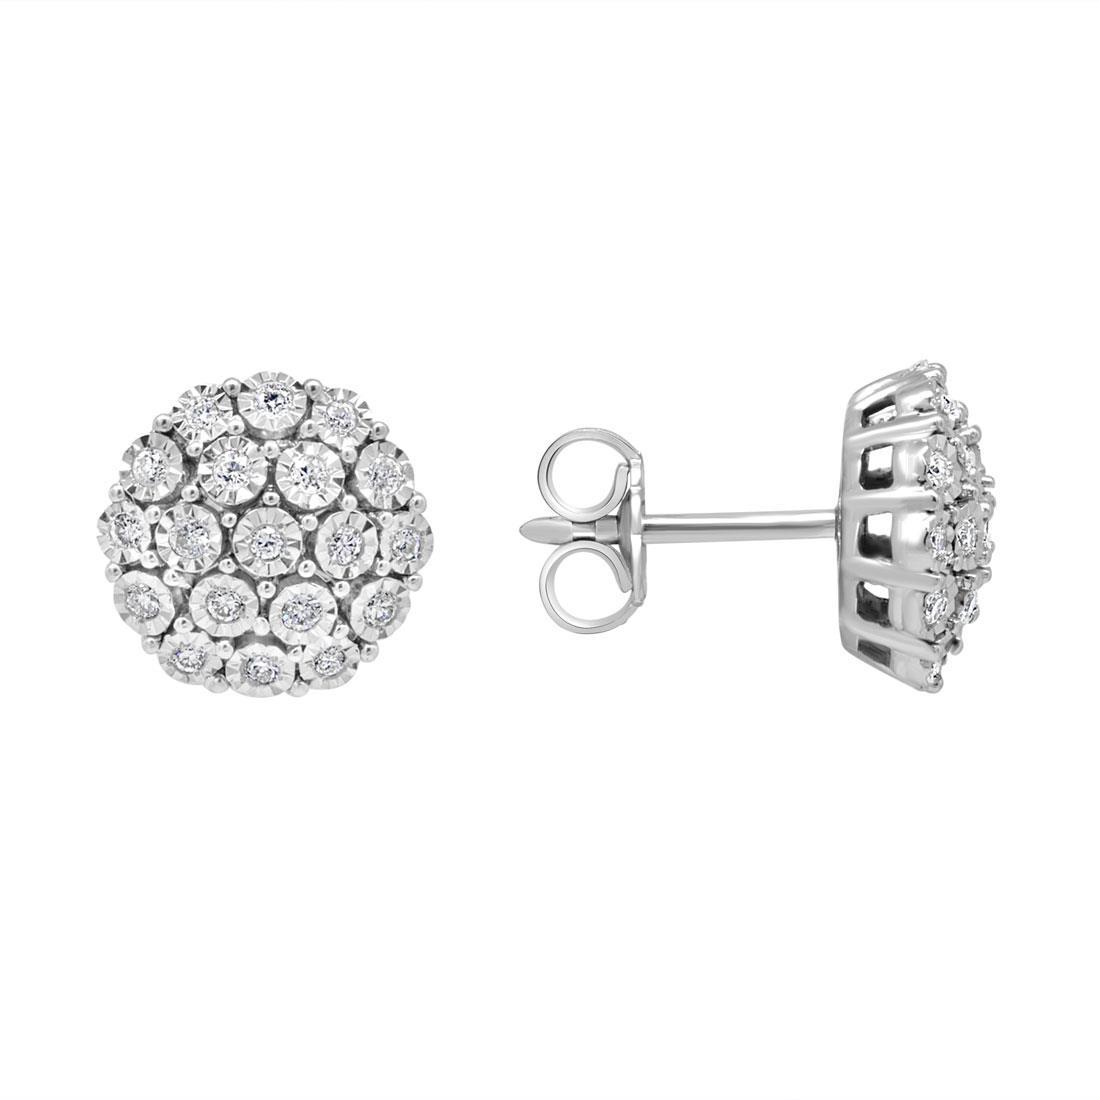 Orecchini in oro bianco con pavé di diamanti 0.20 ct - ORO&CO